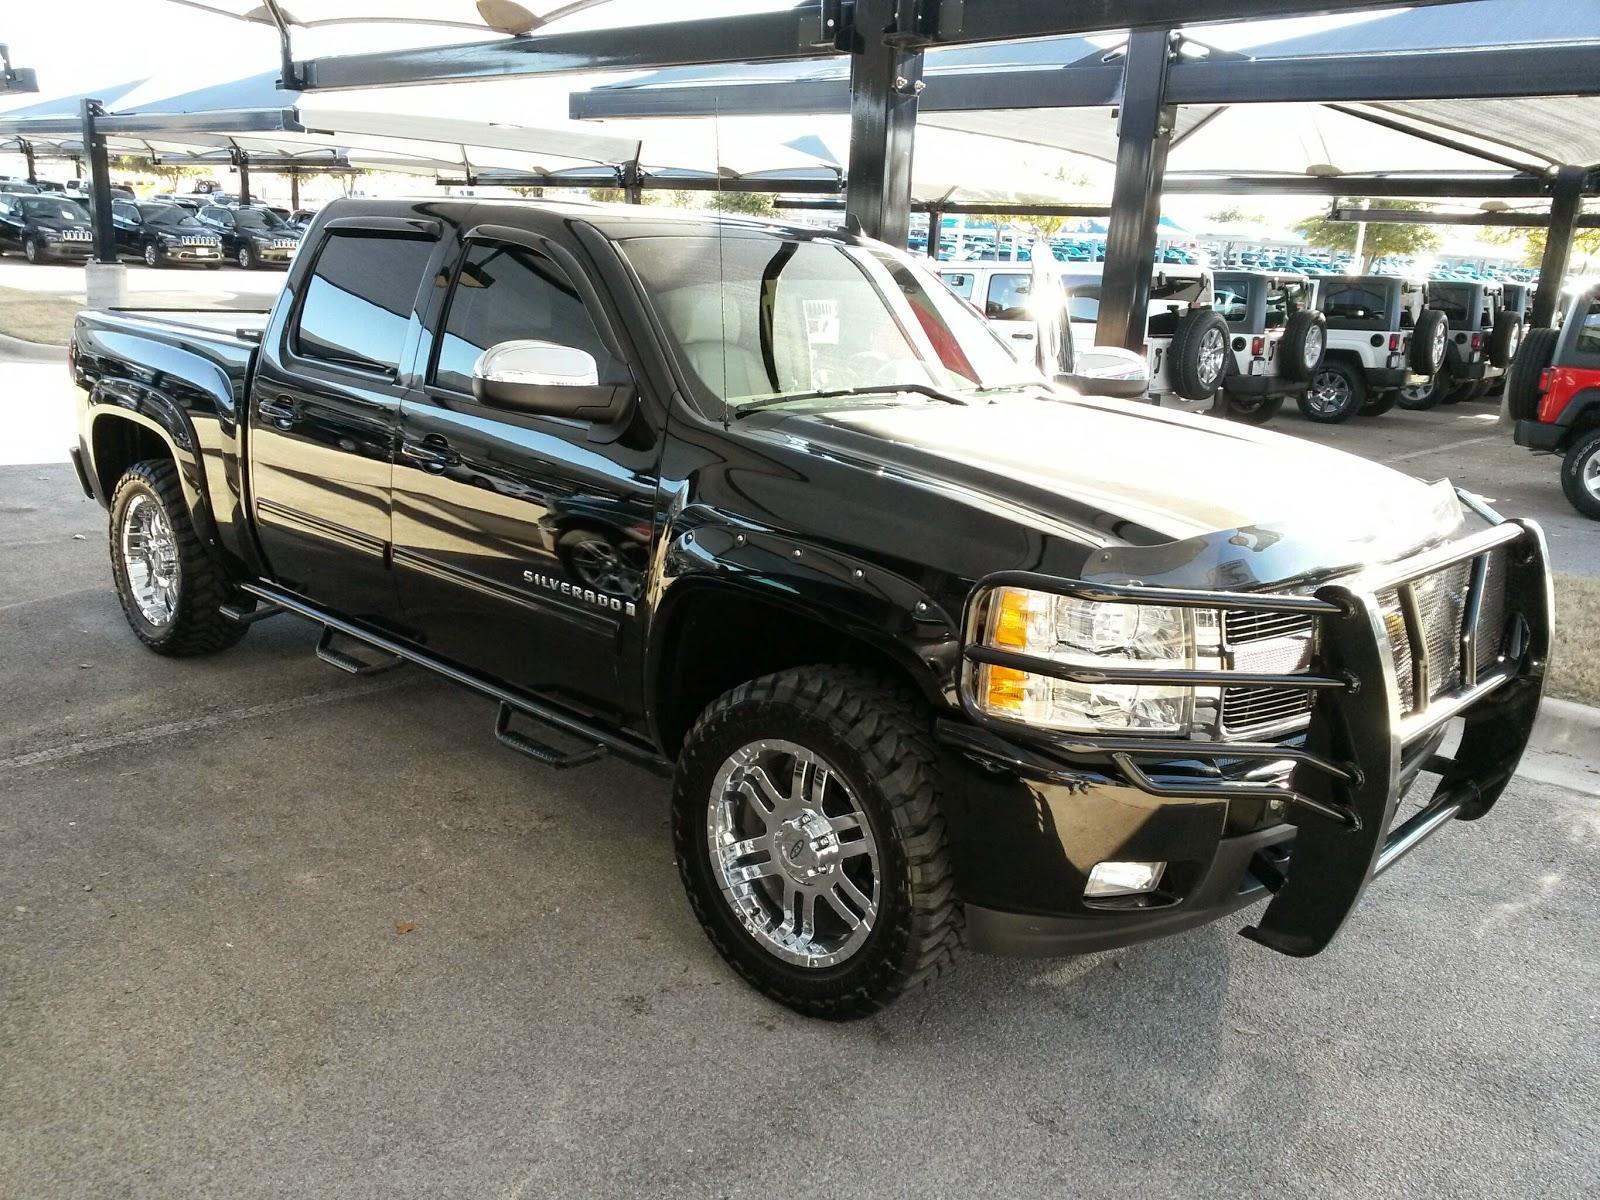 Tdy sales 29 991 for sale black 2009 chevrolet silverado 1500 ltz crew cab 4wd 54k miles